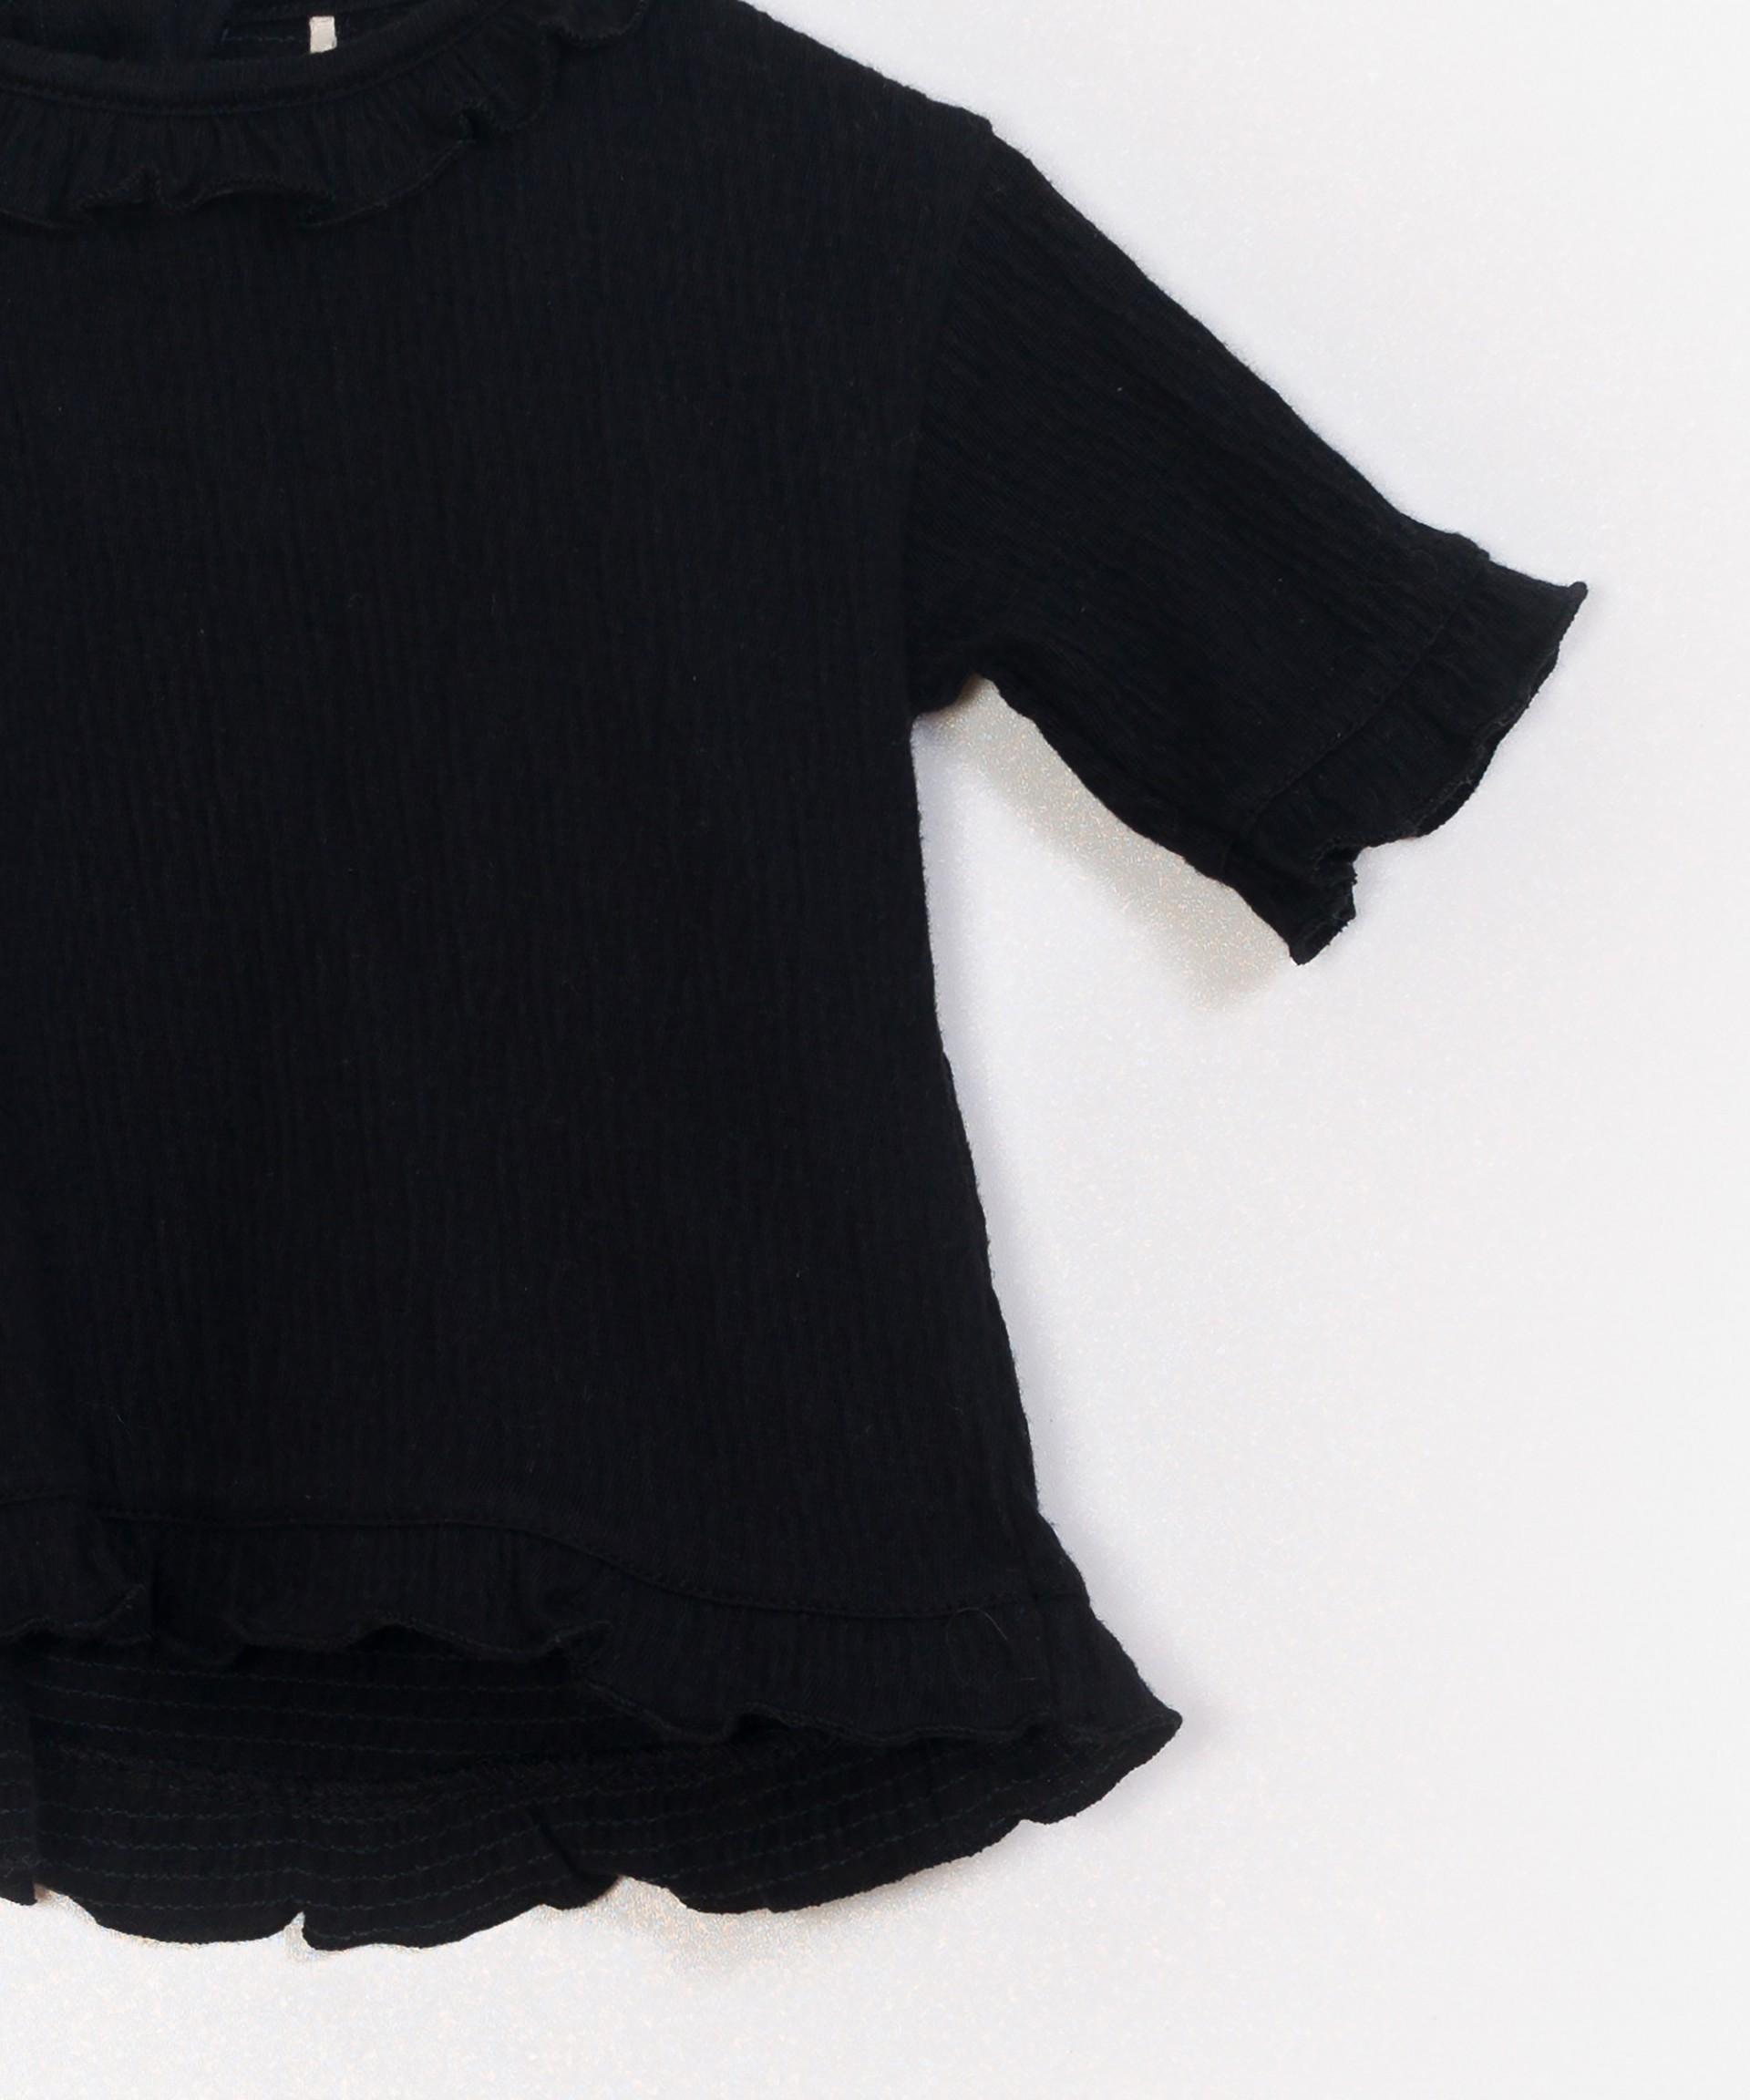 Camisola manga comprida 100% algodão orgânico